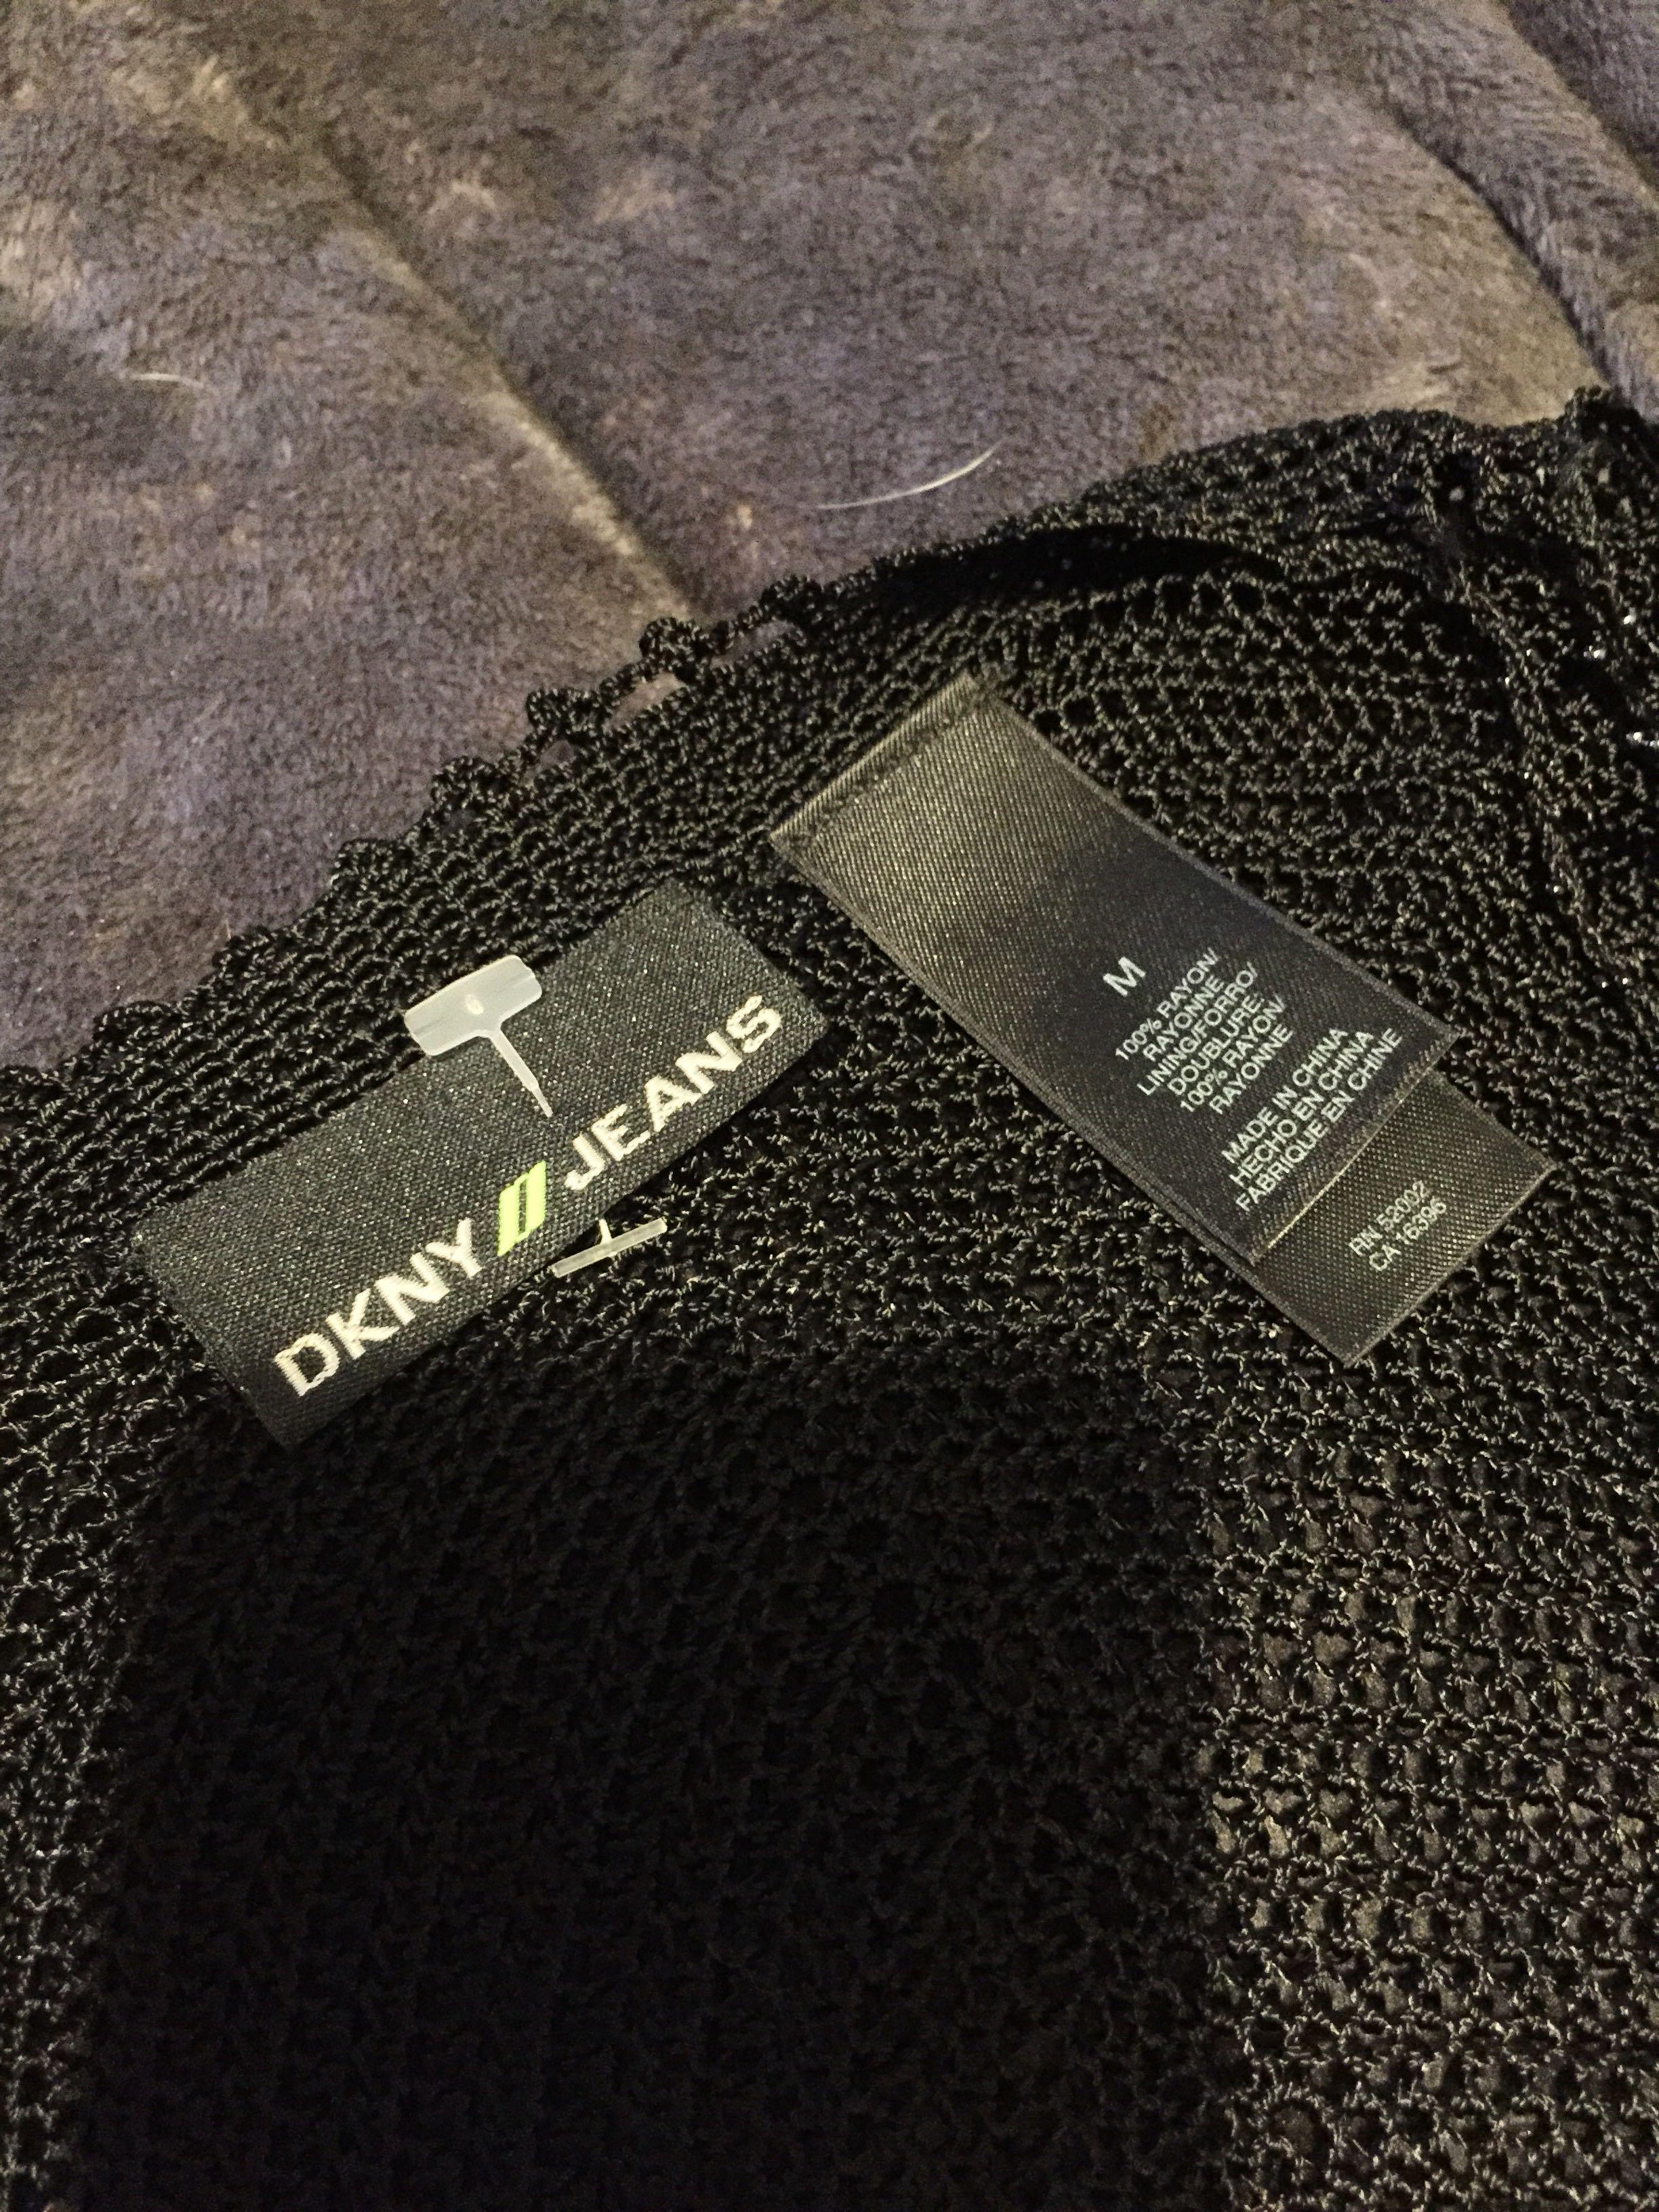 DKNY knit beaded tank